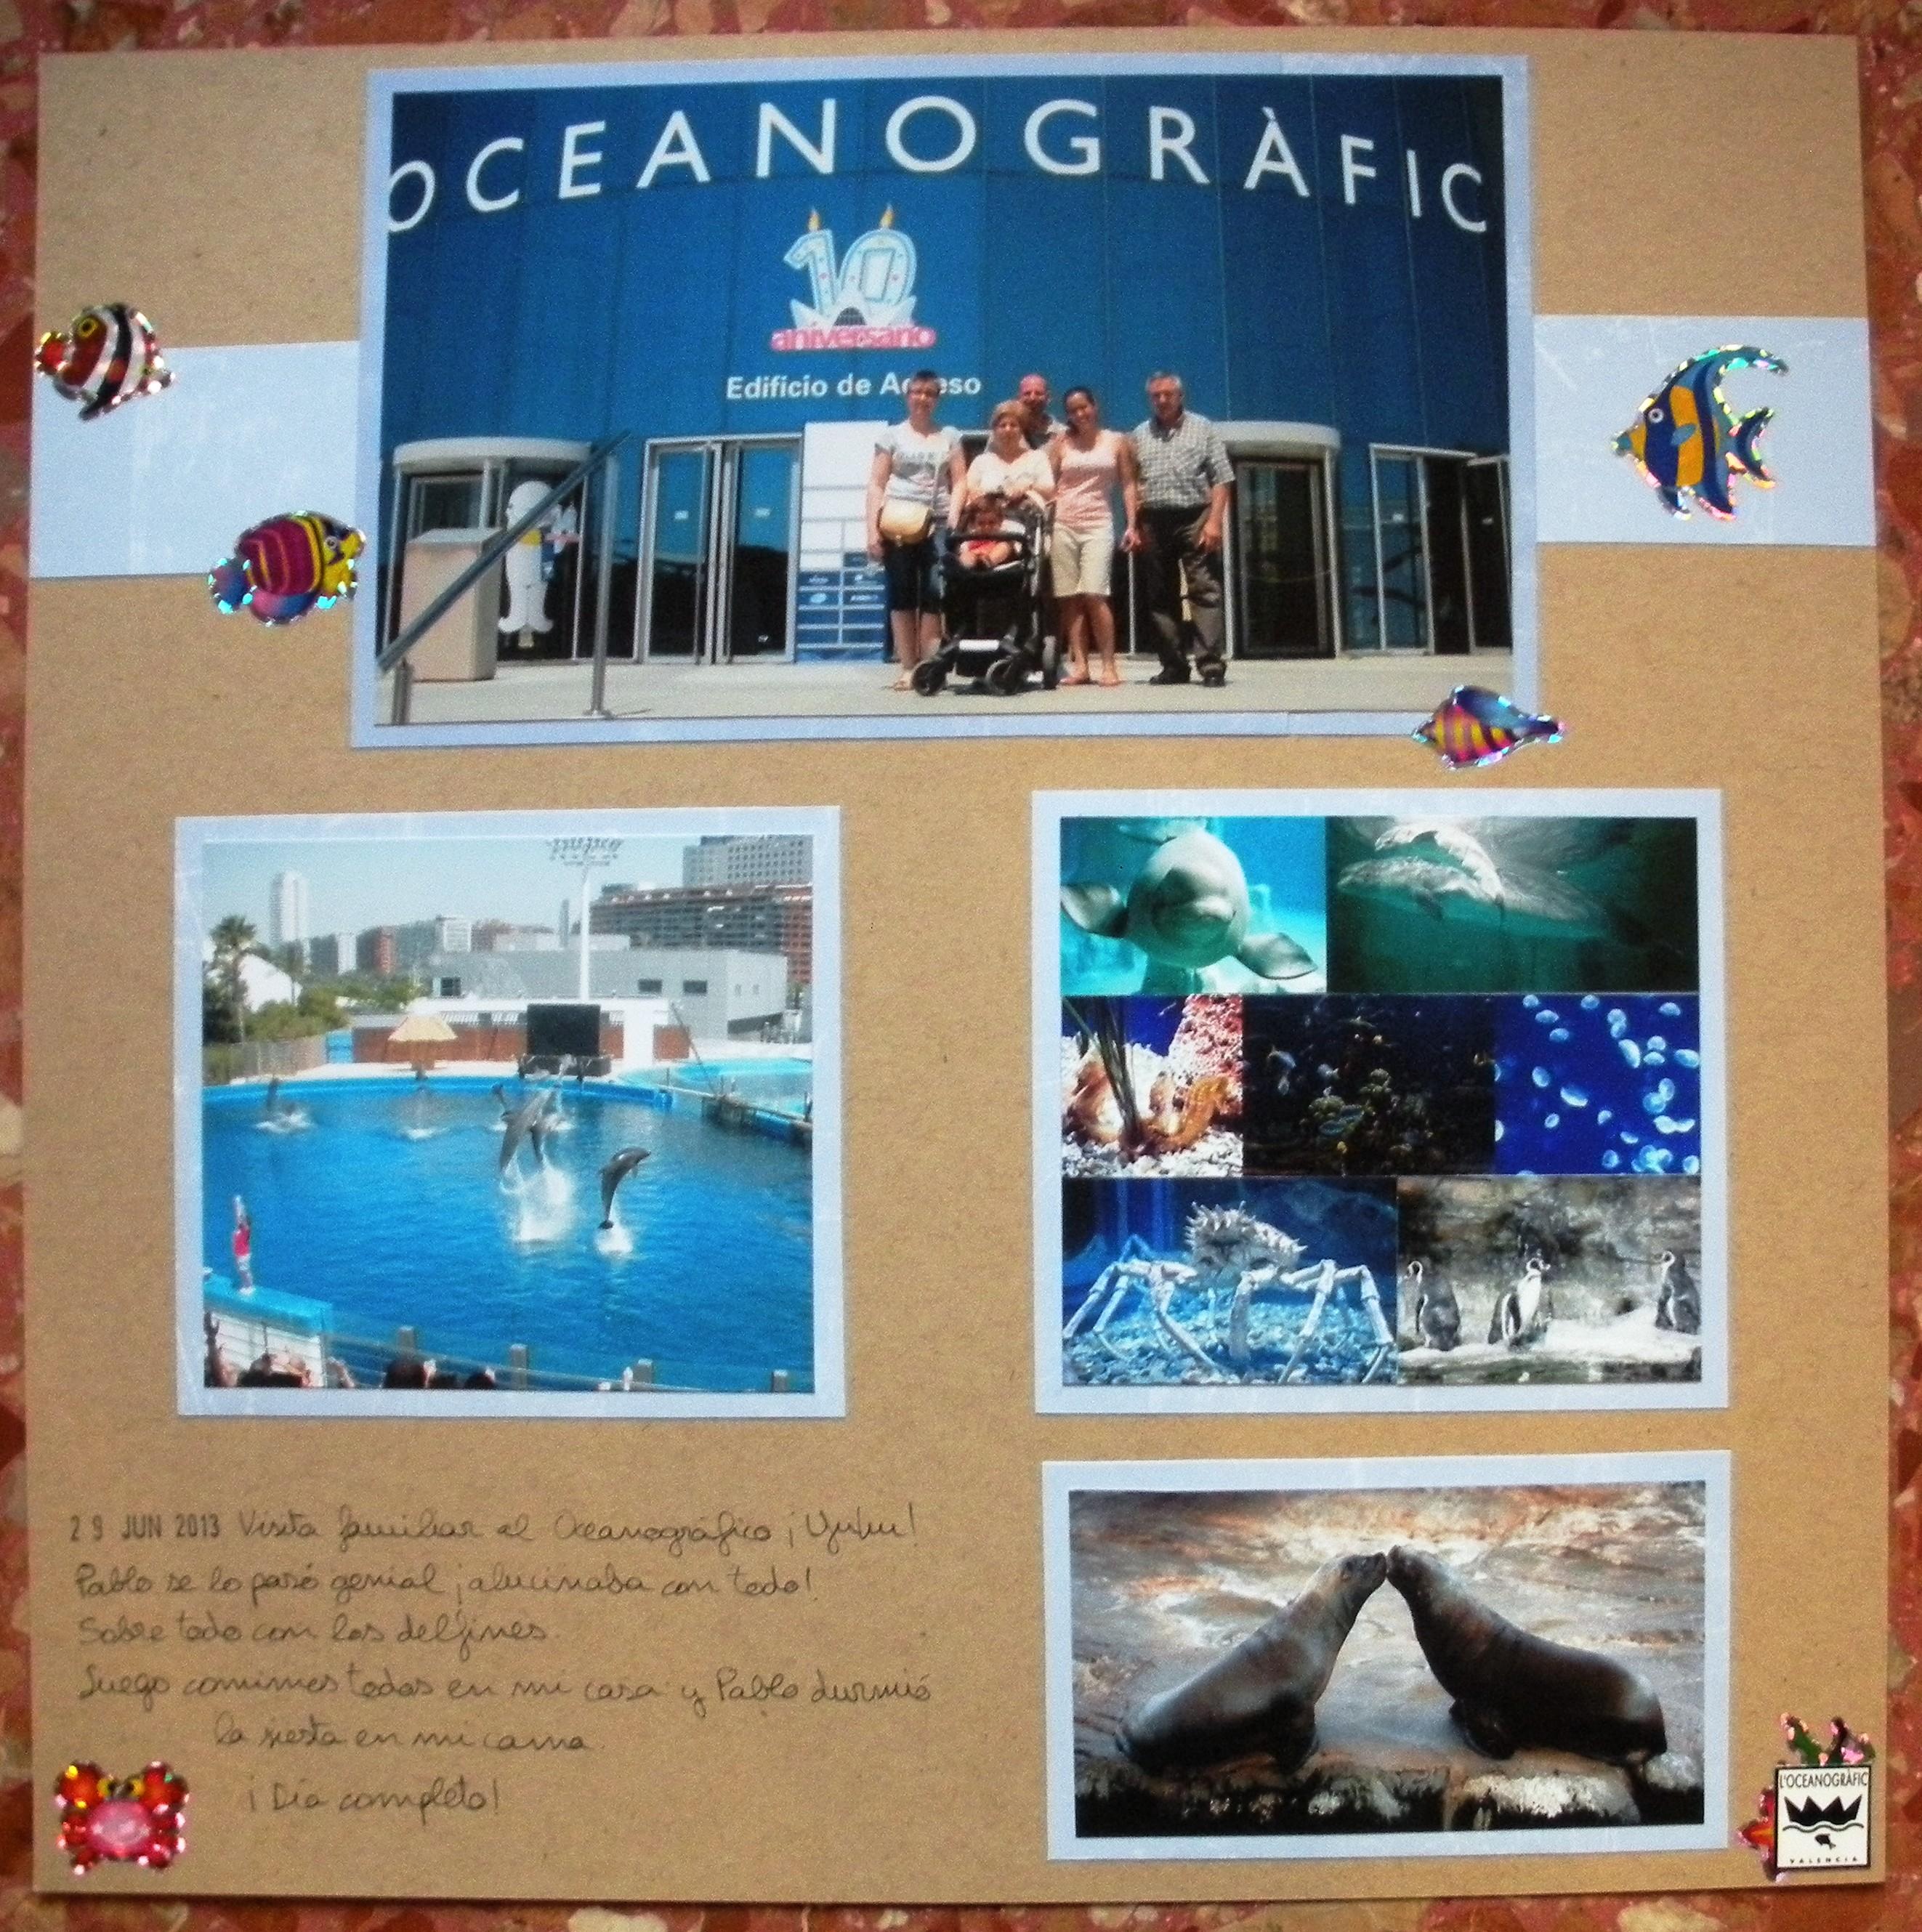 2013, 09. 07 - 29.06. Oceanográfico 3